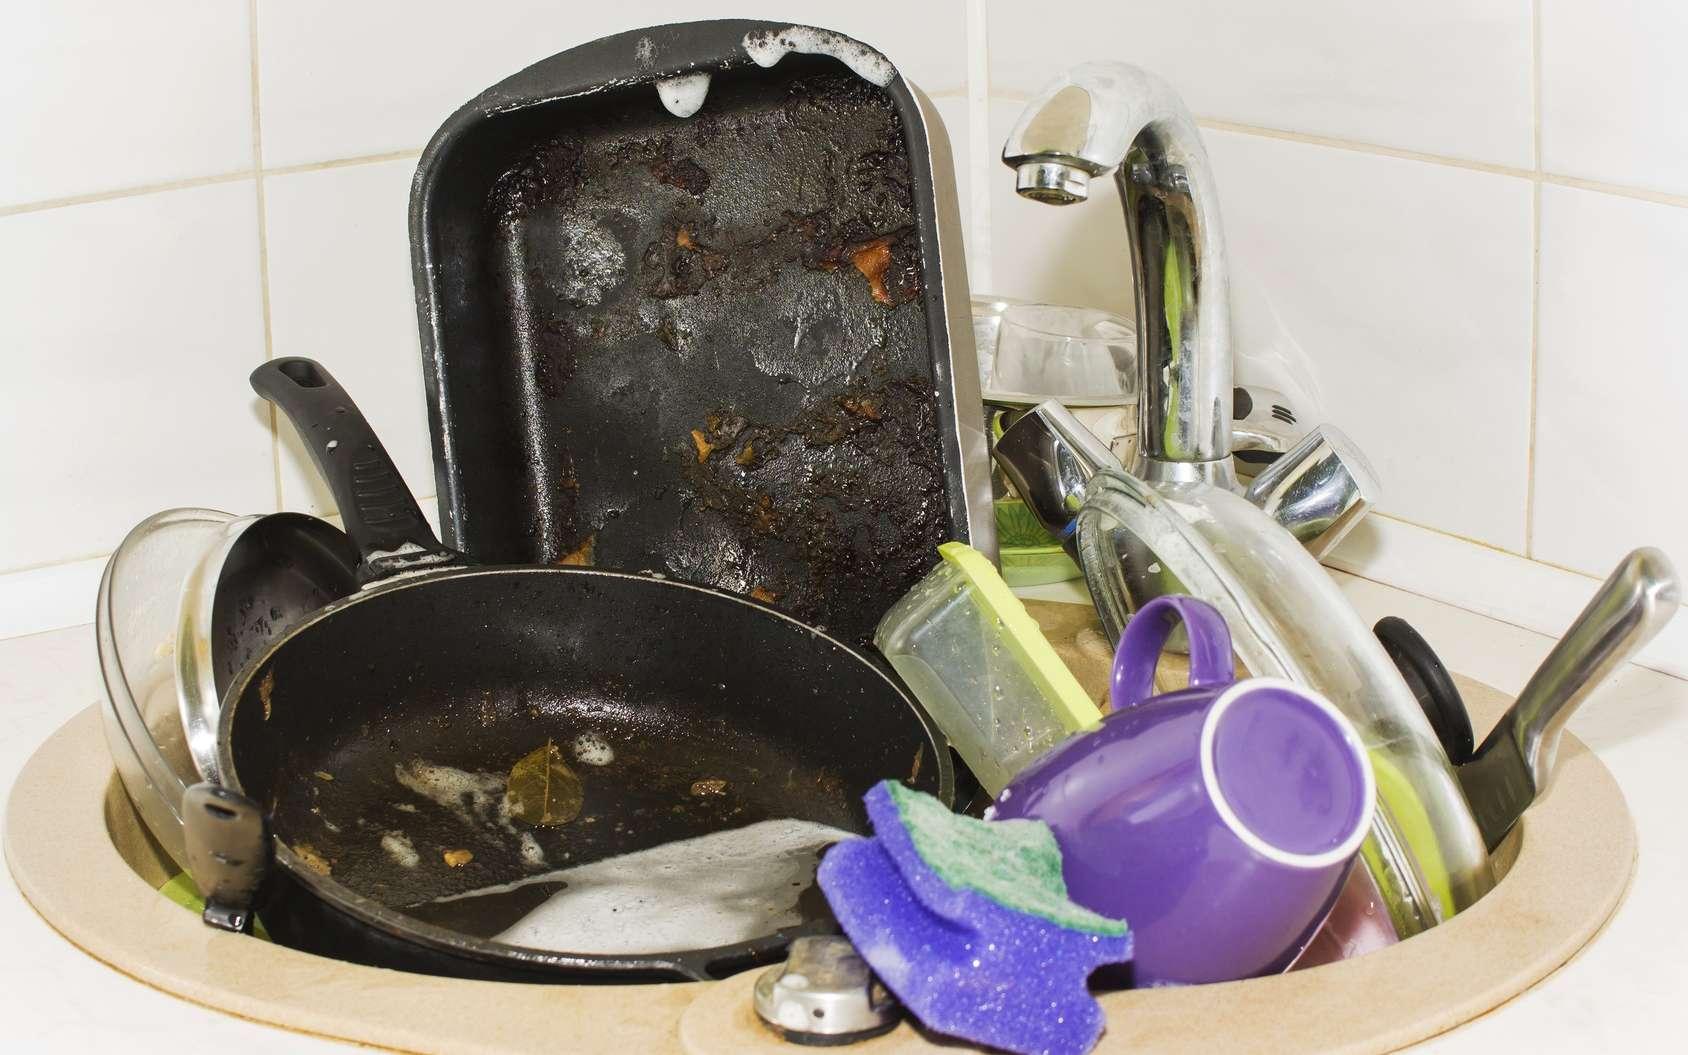 La cuisine regorge de nids à microbes : évier, éponges, réfrigérateur… © mihail39, Fotolia